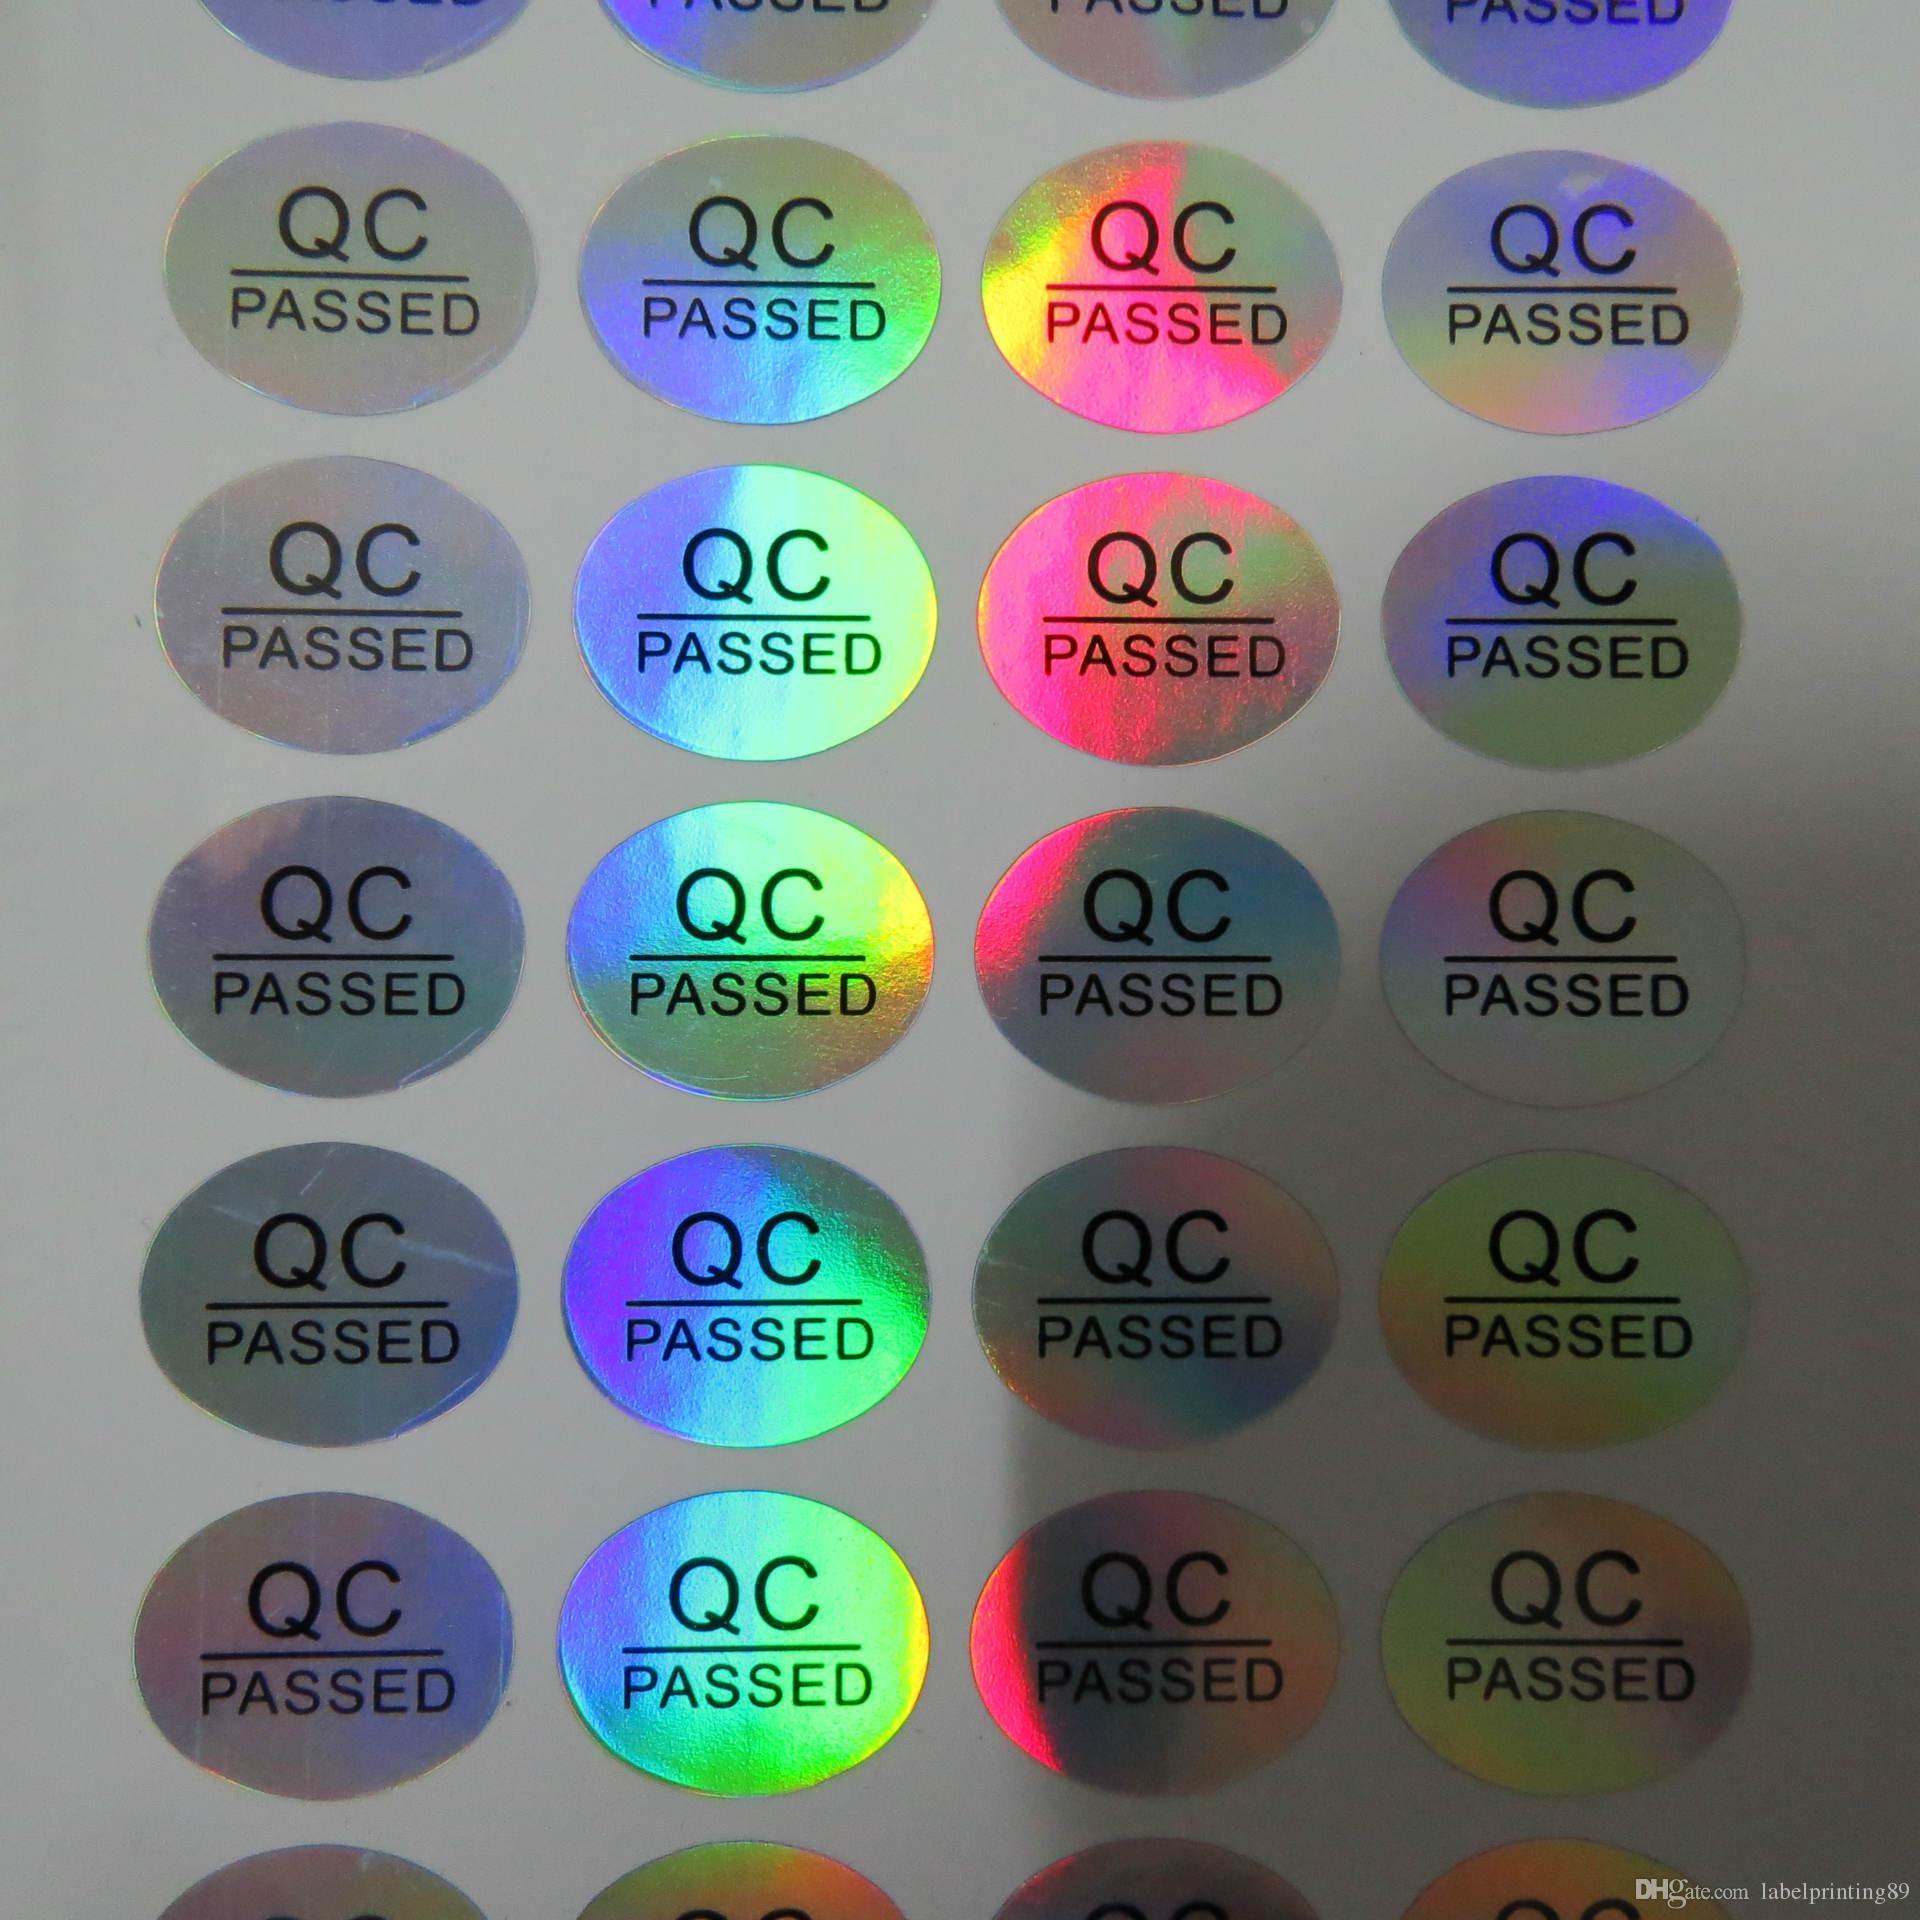 16 * 13mm Adesivo permanente Round Tondo QC Passata Bottiglia Sigillo Anti-finto ologramma Autoadesivo Autoadesivo Etichetta ovale olografica etichetta colorata